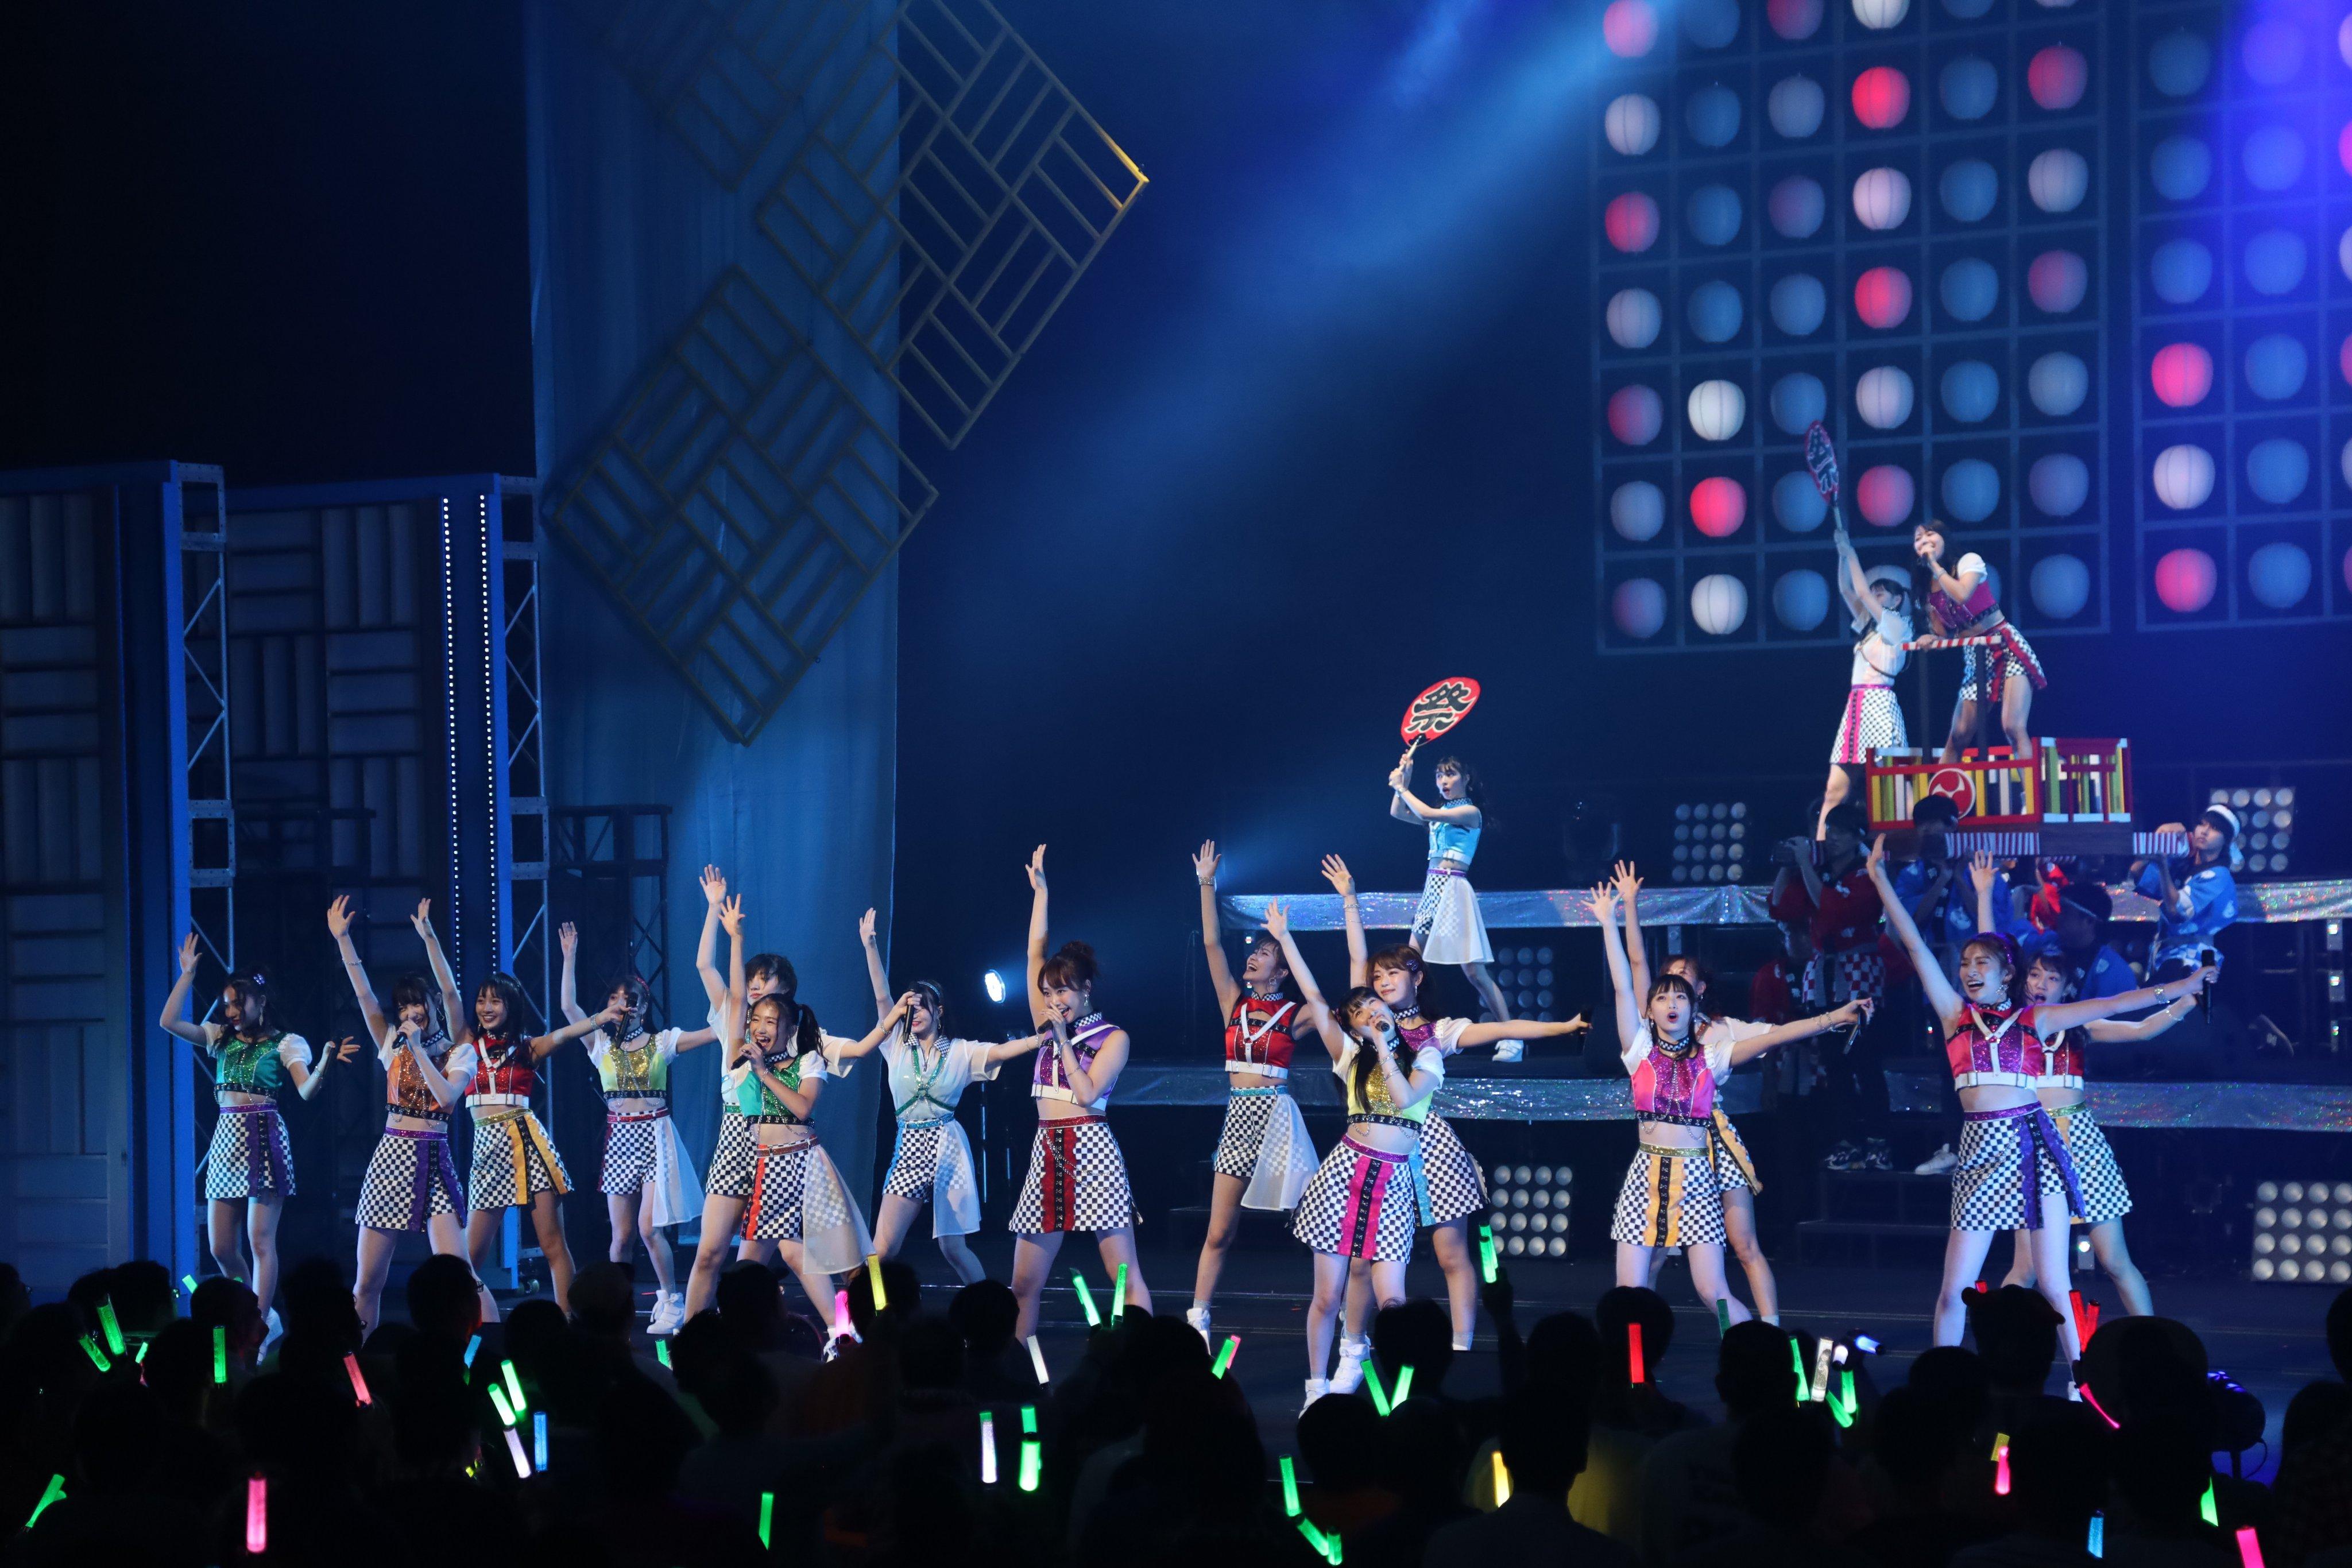 【NMB48】9/21 愛知県芸術劇場 大ホール 「NMB48 LIVE TOUR 2019 ~NAMBA祭~」のセットリストと画像など